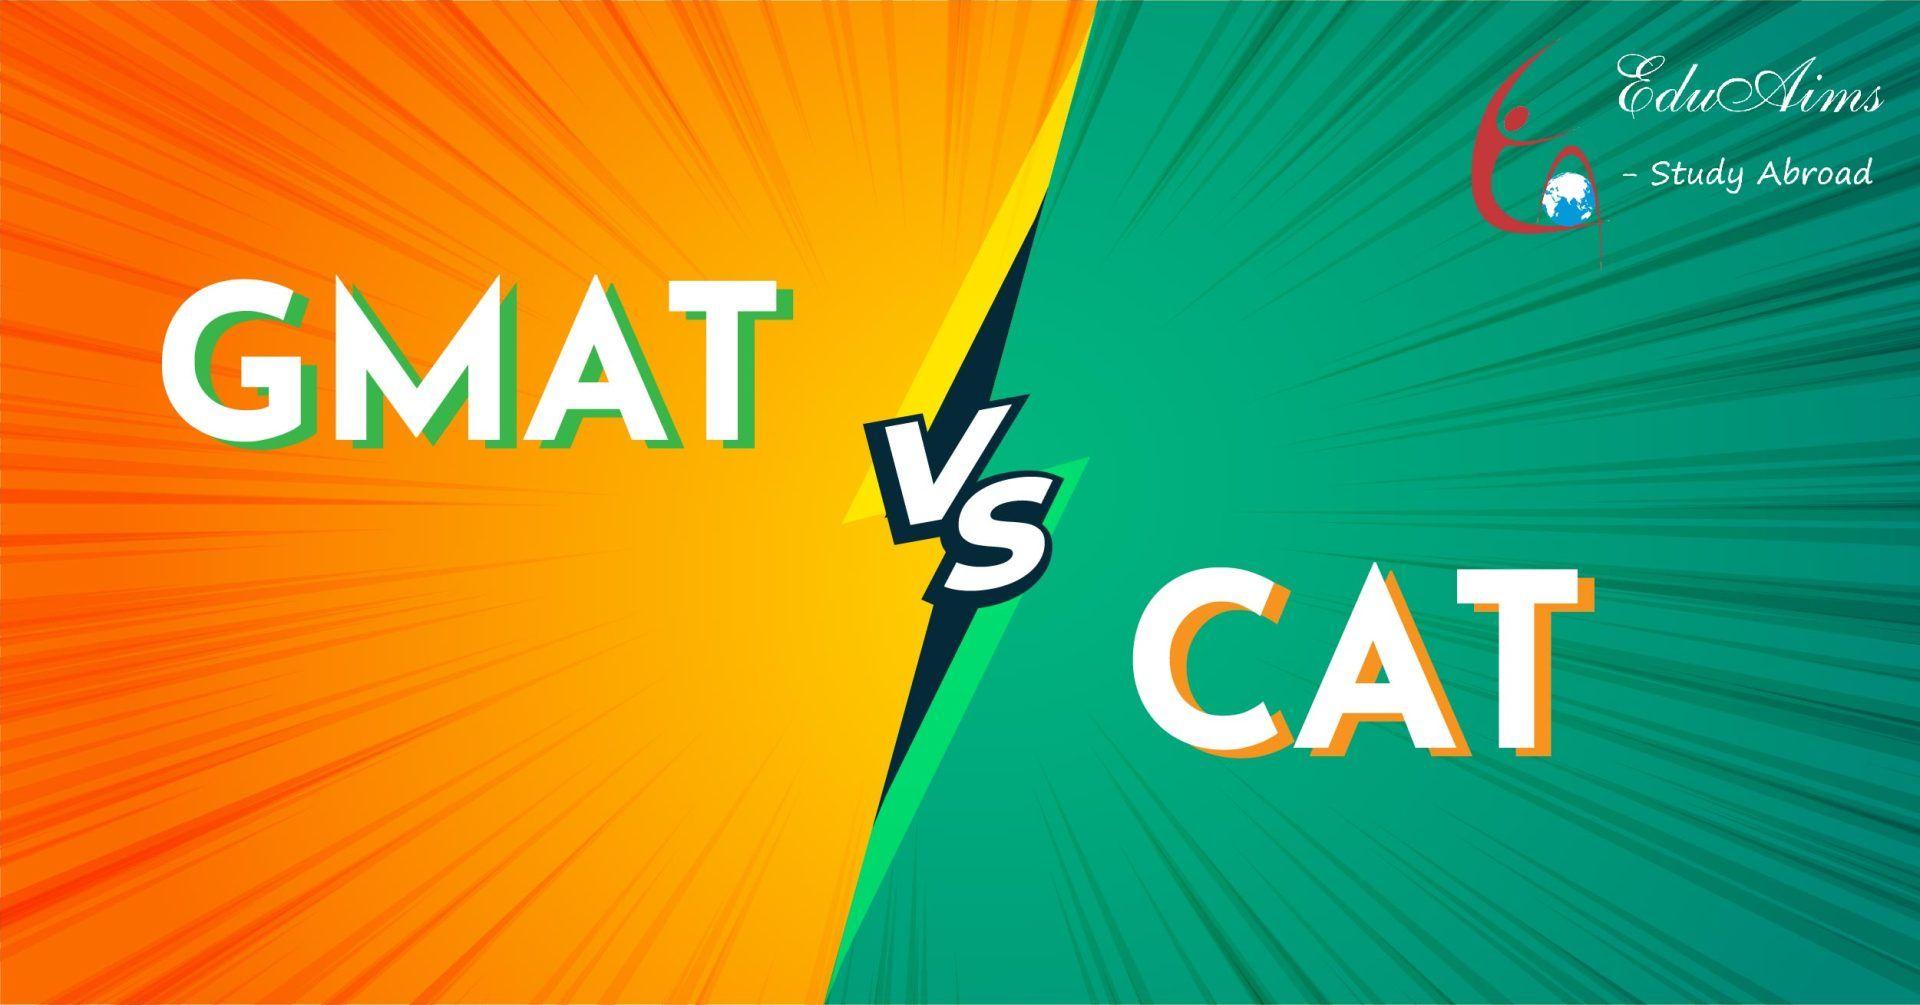 GMAT vs CAT, comparison between them